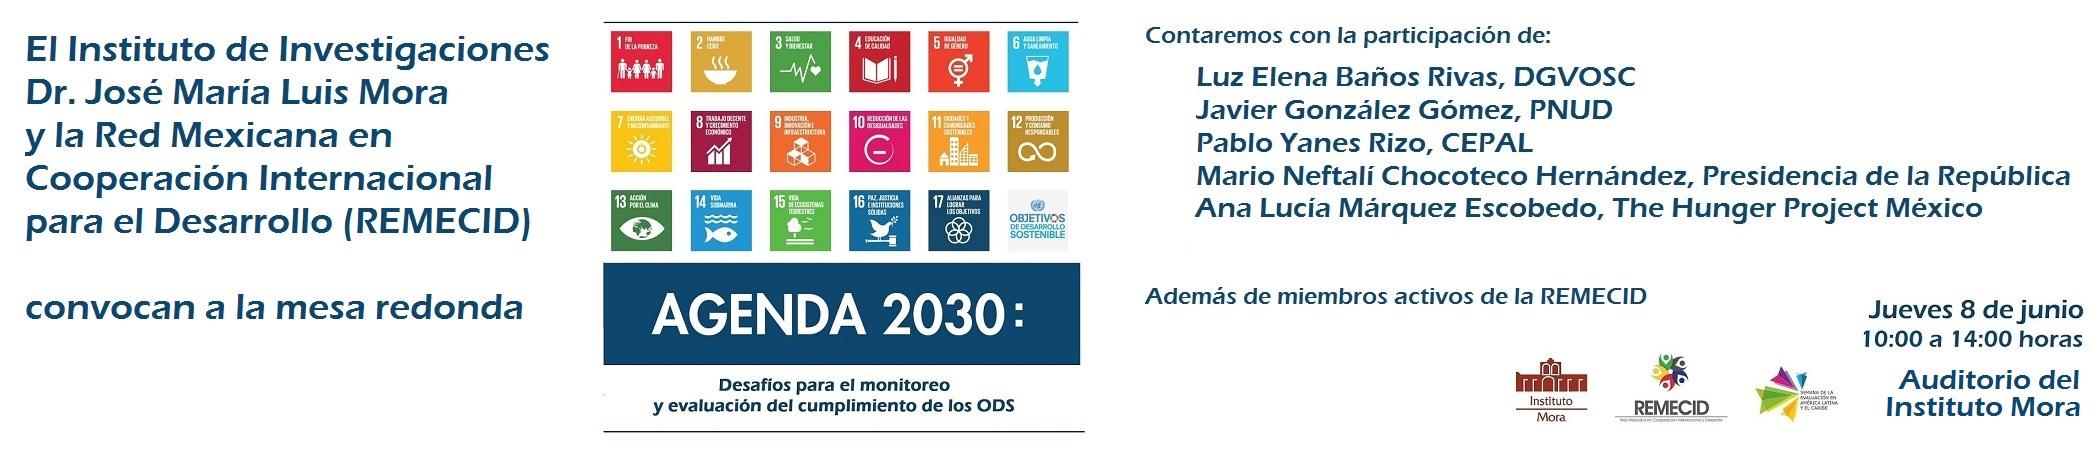 Mesa redonda Agenda 2030: Desafíos para el monitoreo y evaluación del cumplimiento de los ODS